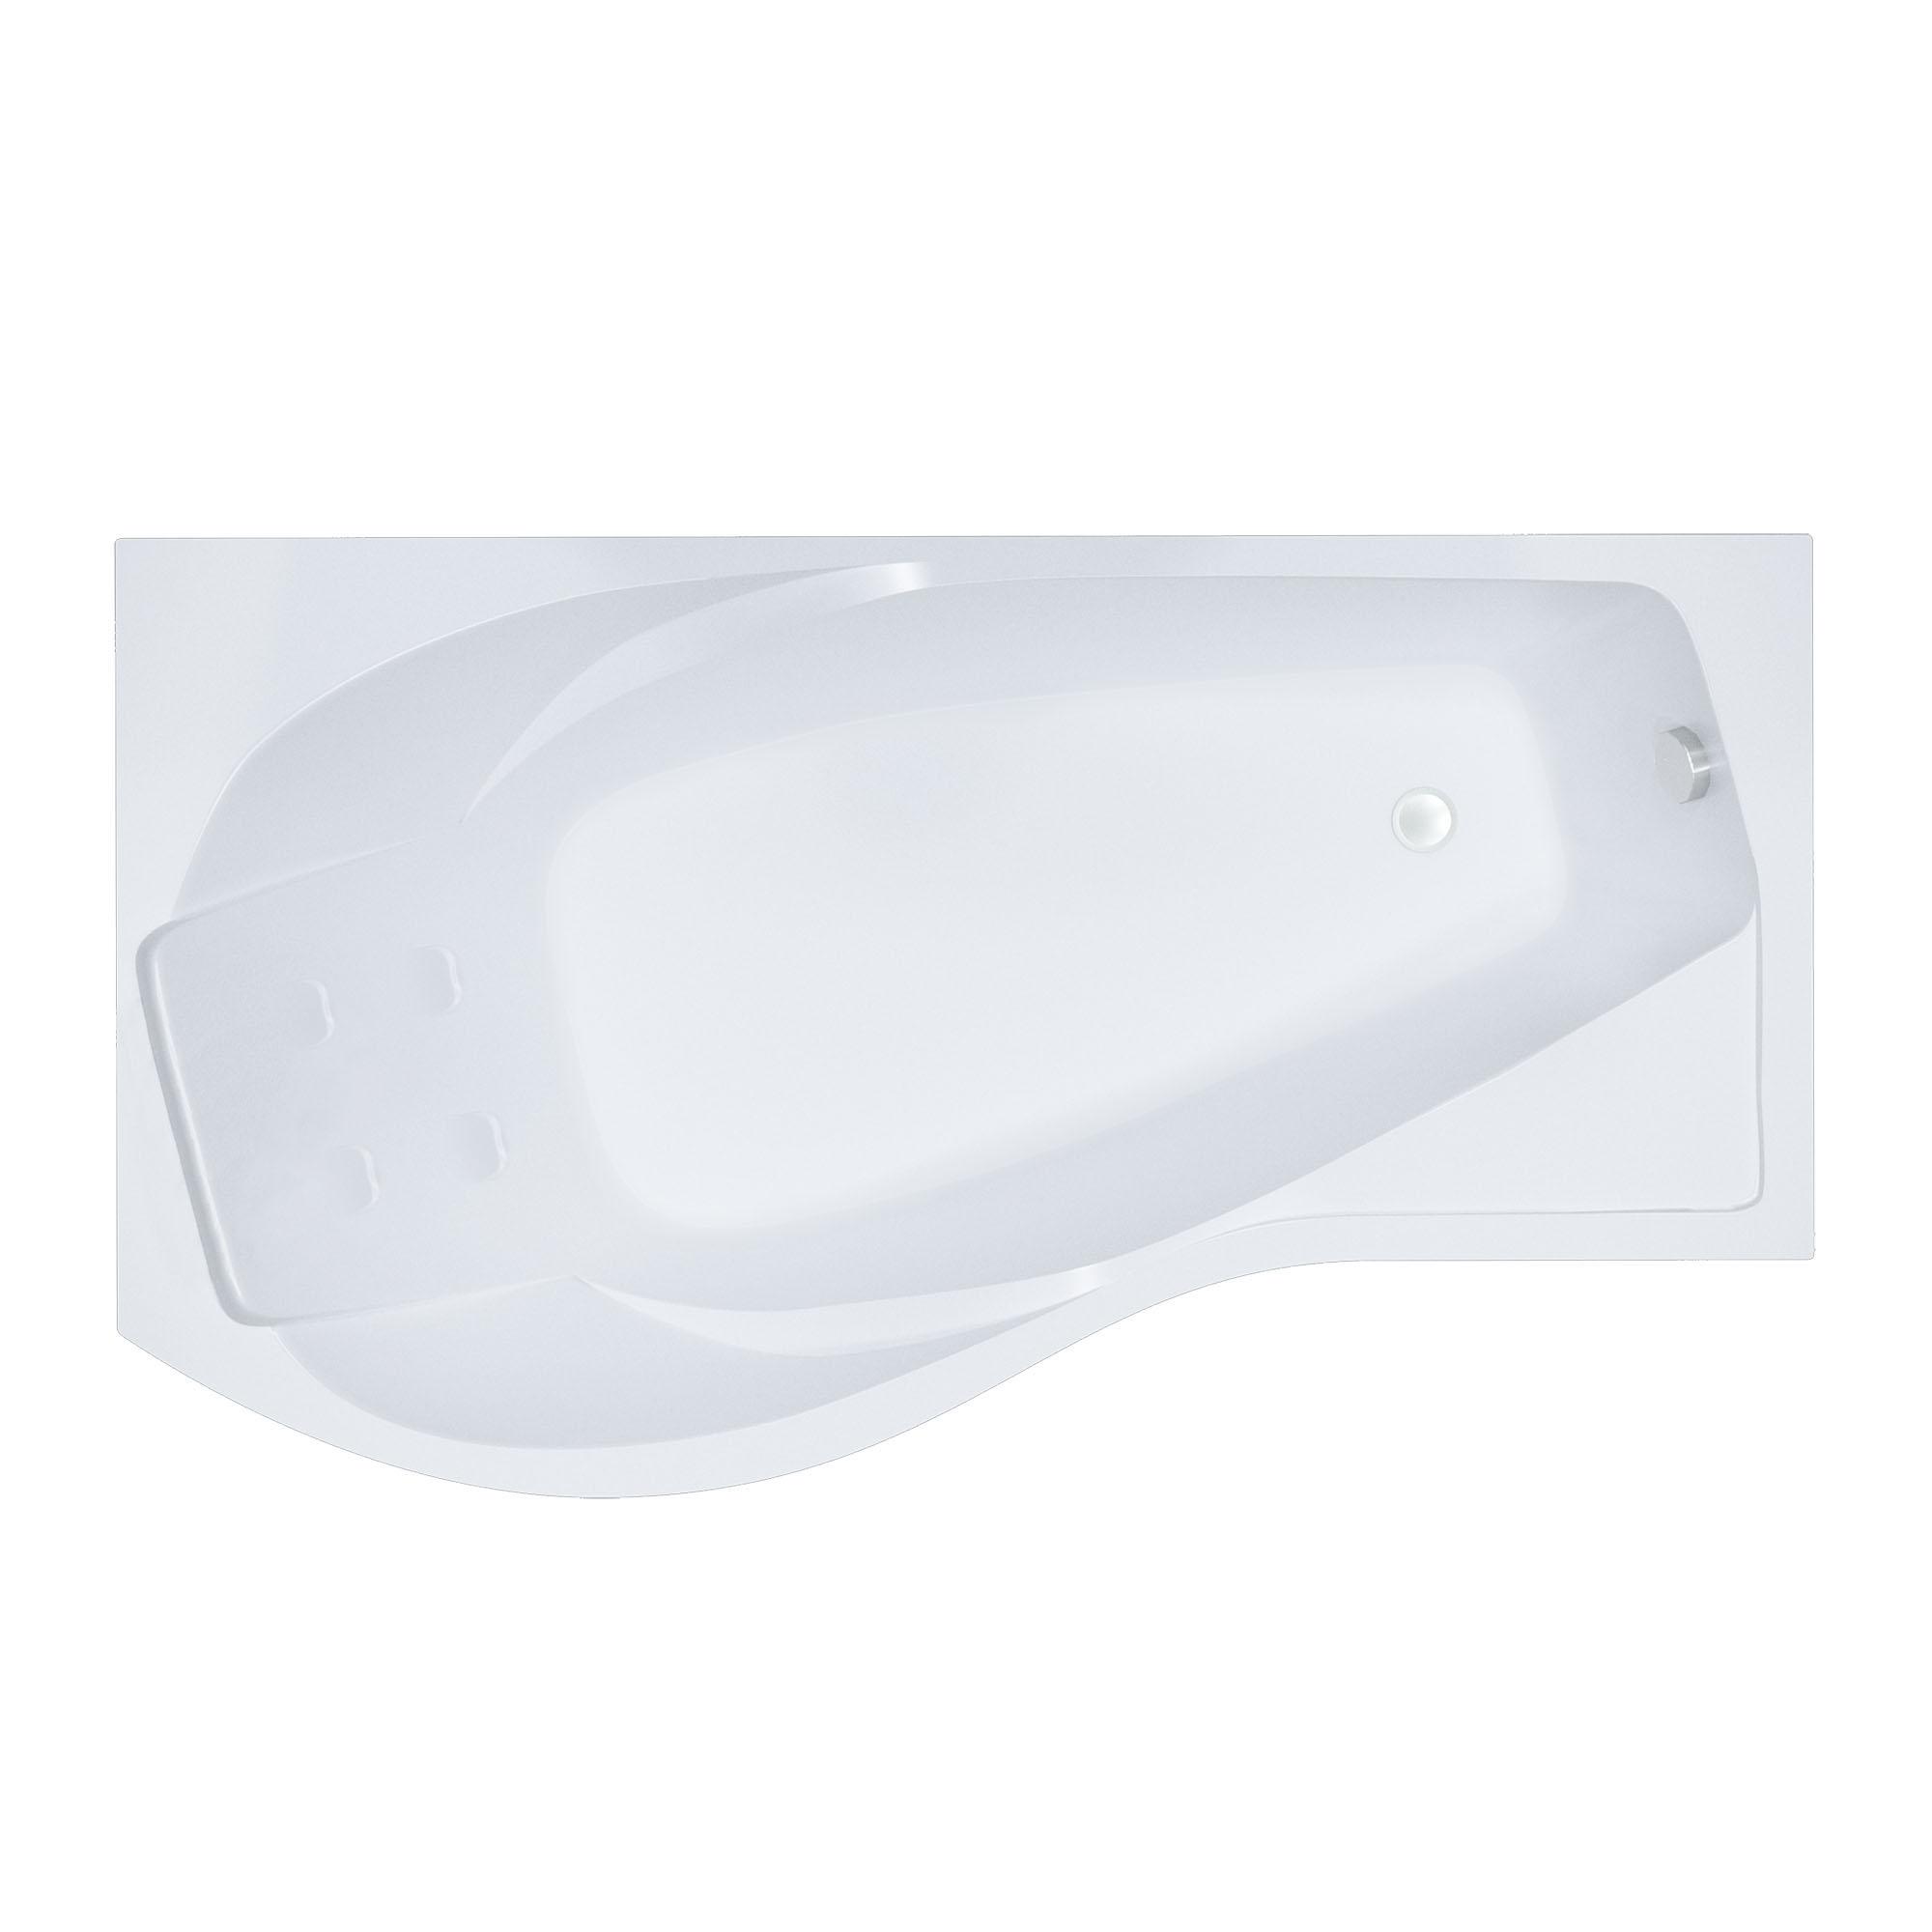 Акриловая ванна Тритон Мишель 180 правая